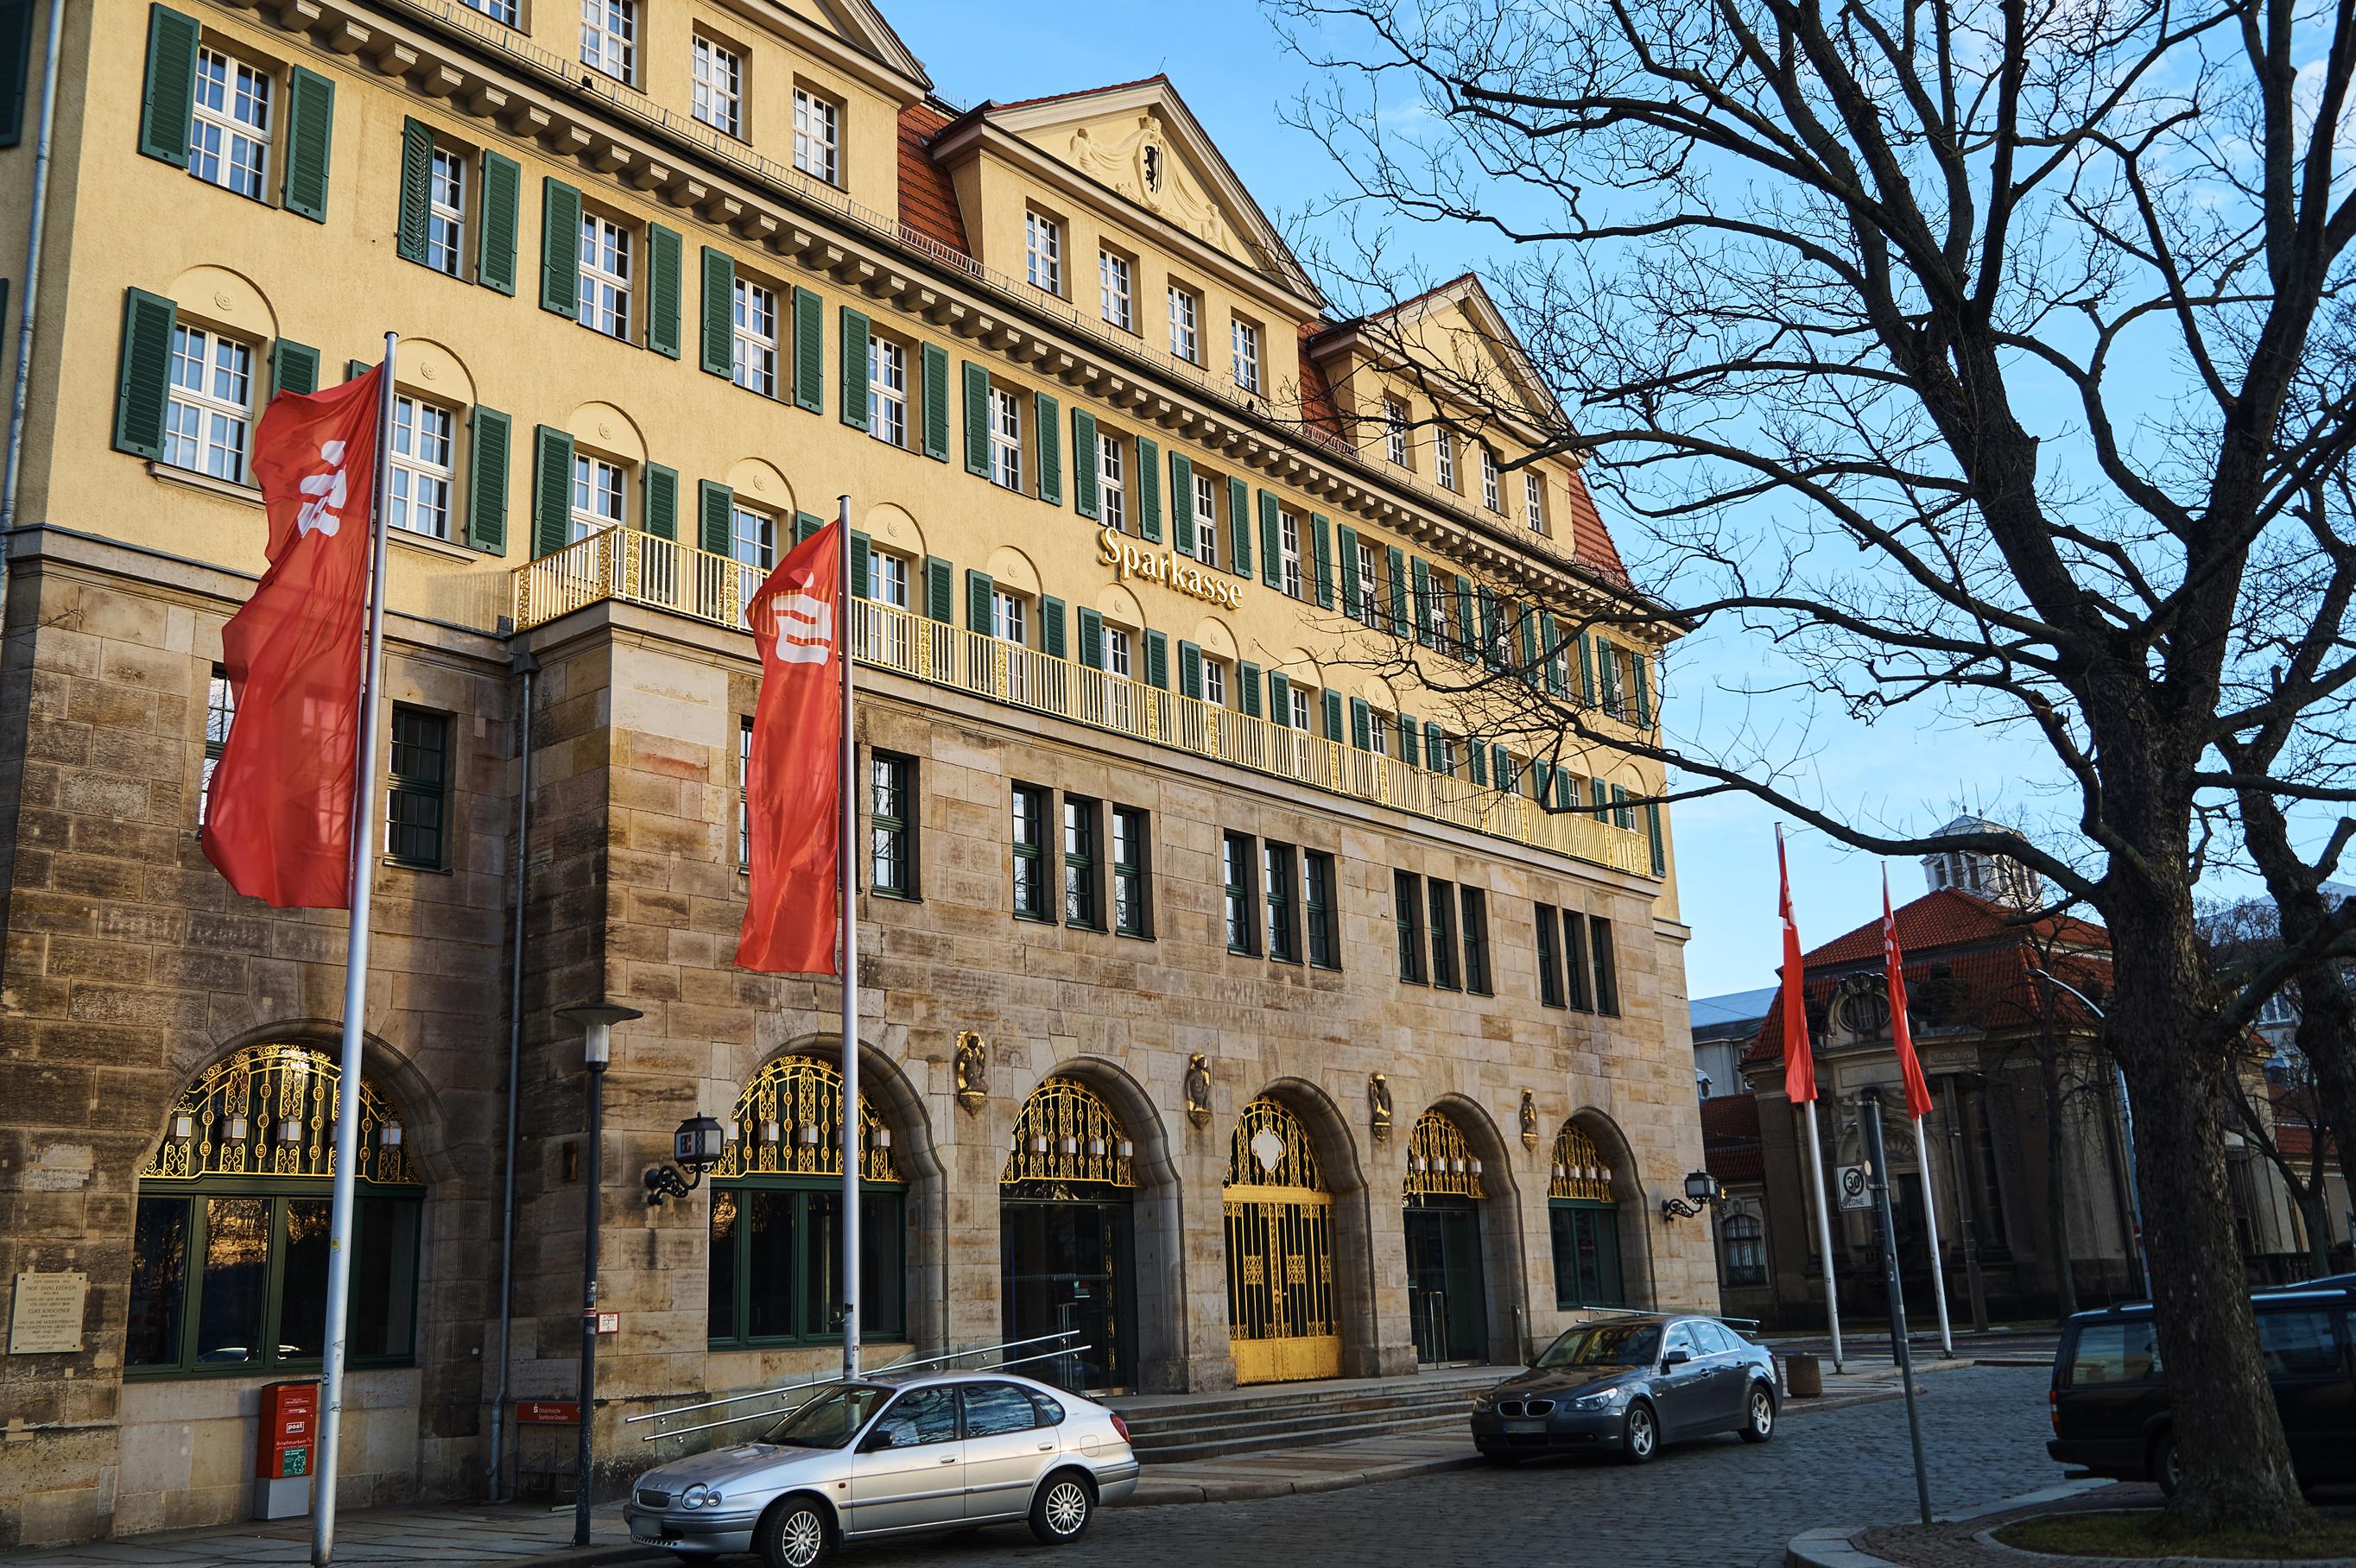 Das ehemalige Stadthaus Johannstadt, das heute die Sparkasse beherbergt